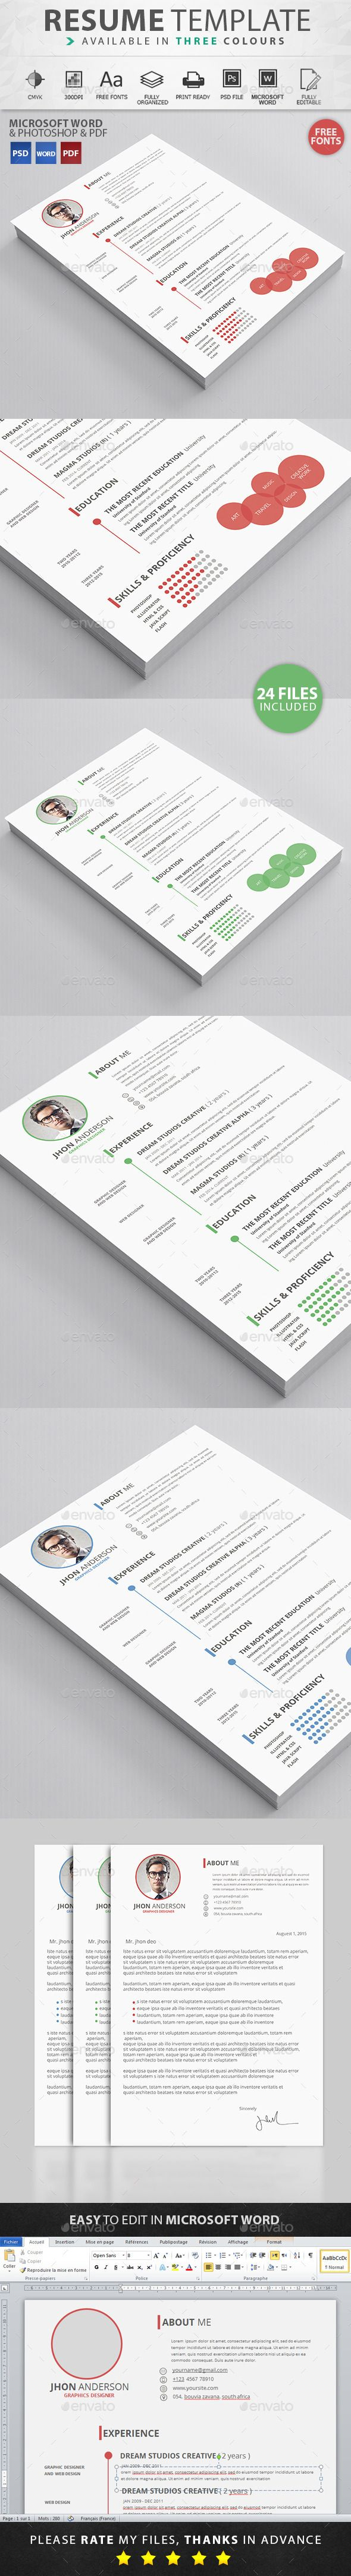 Resume 8 best Resume Design images on